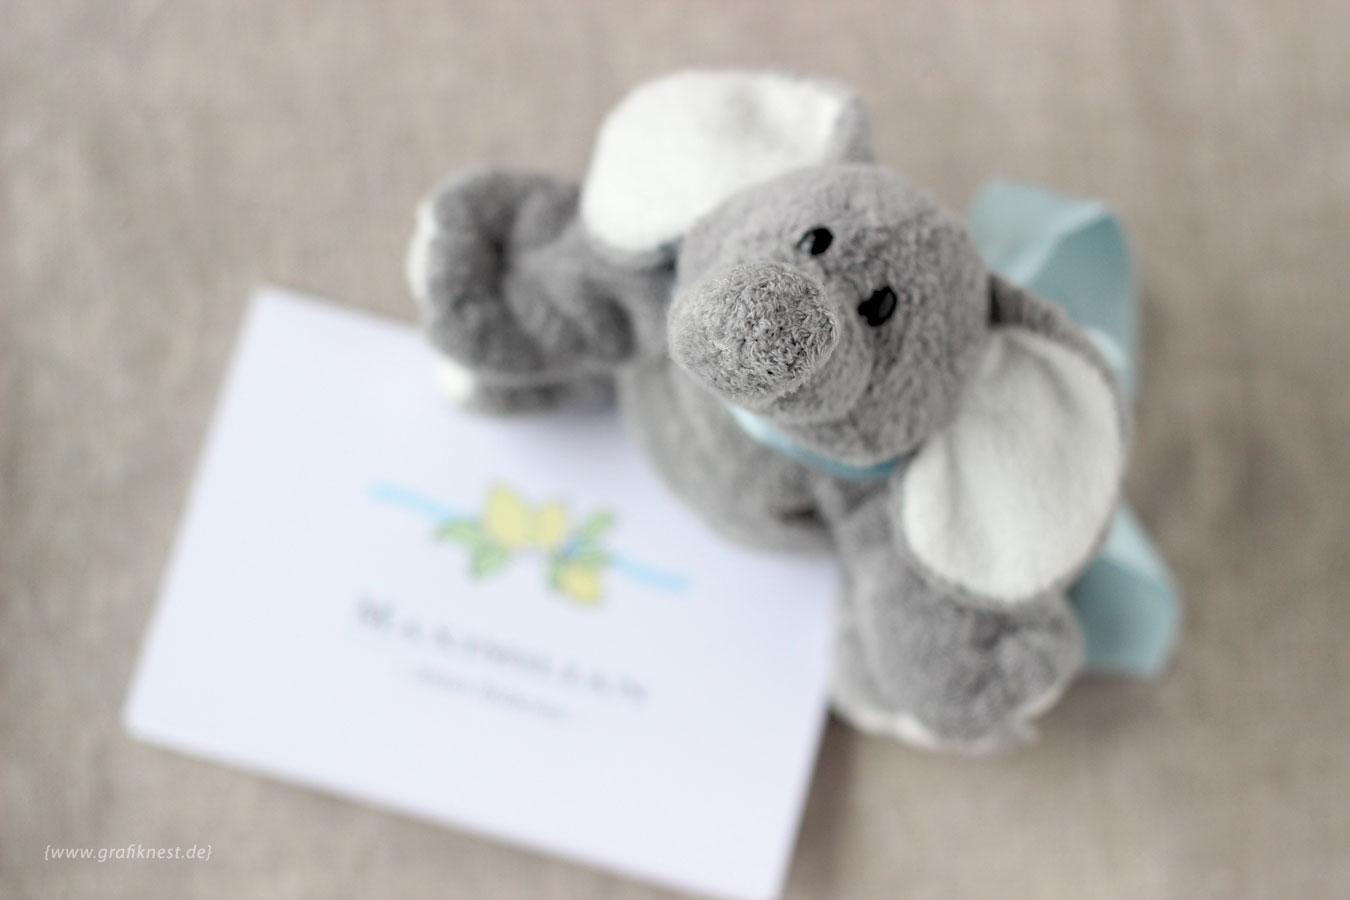 Babykarte zur Geburt nvon Maxi mit einem Elefant